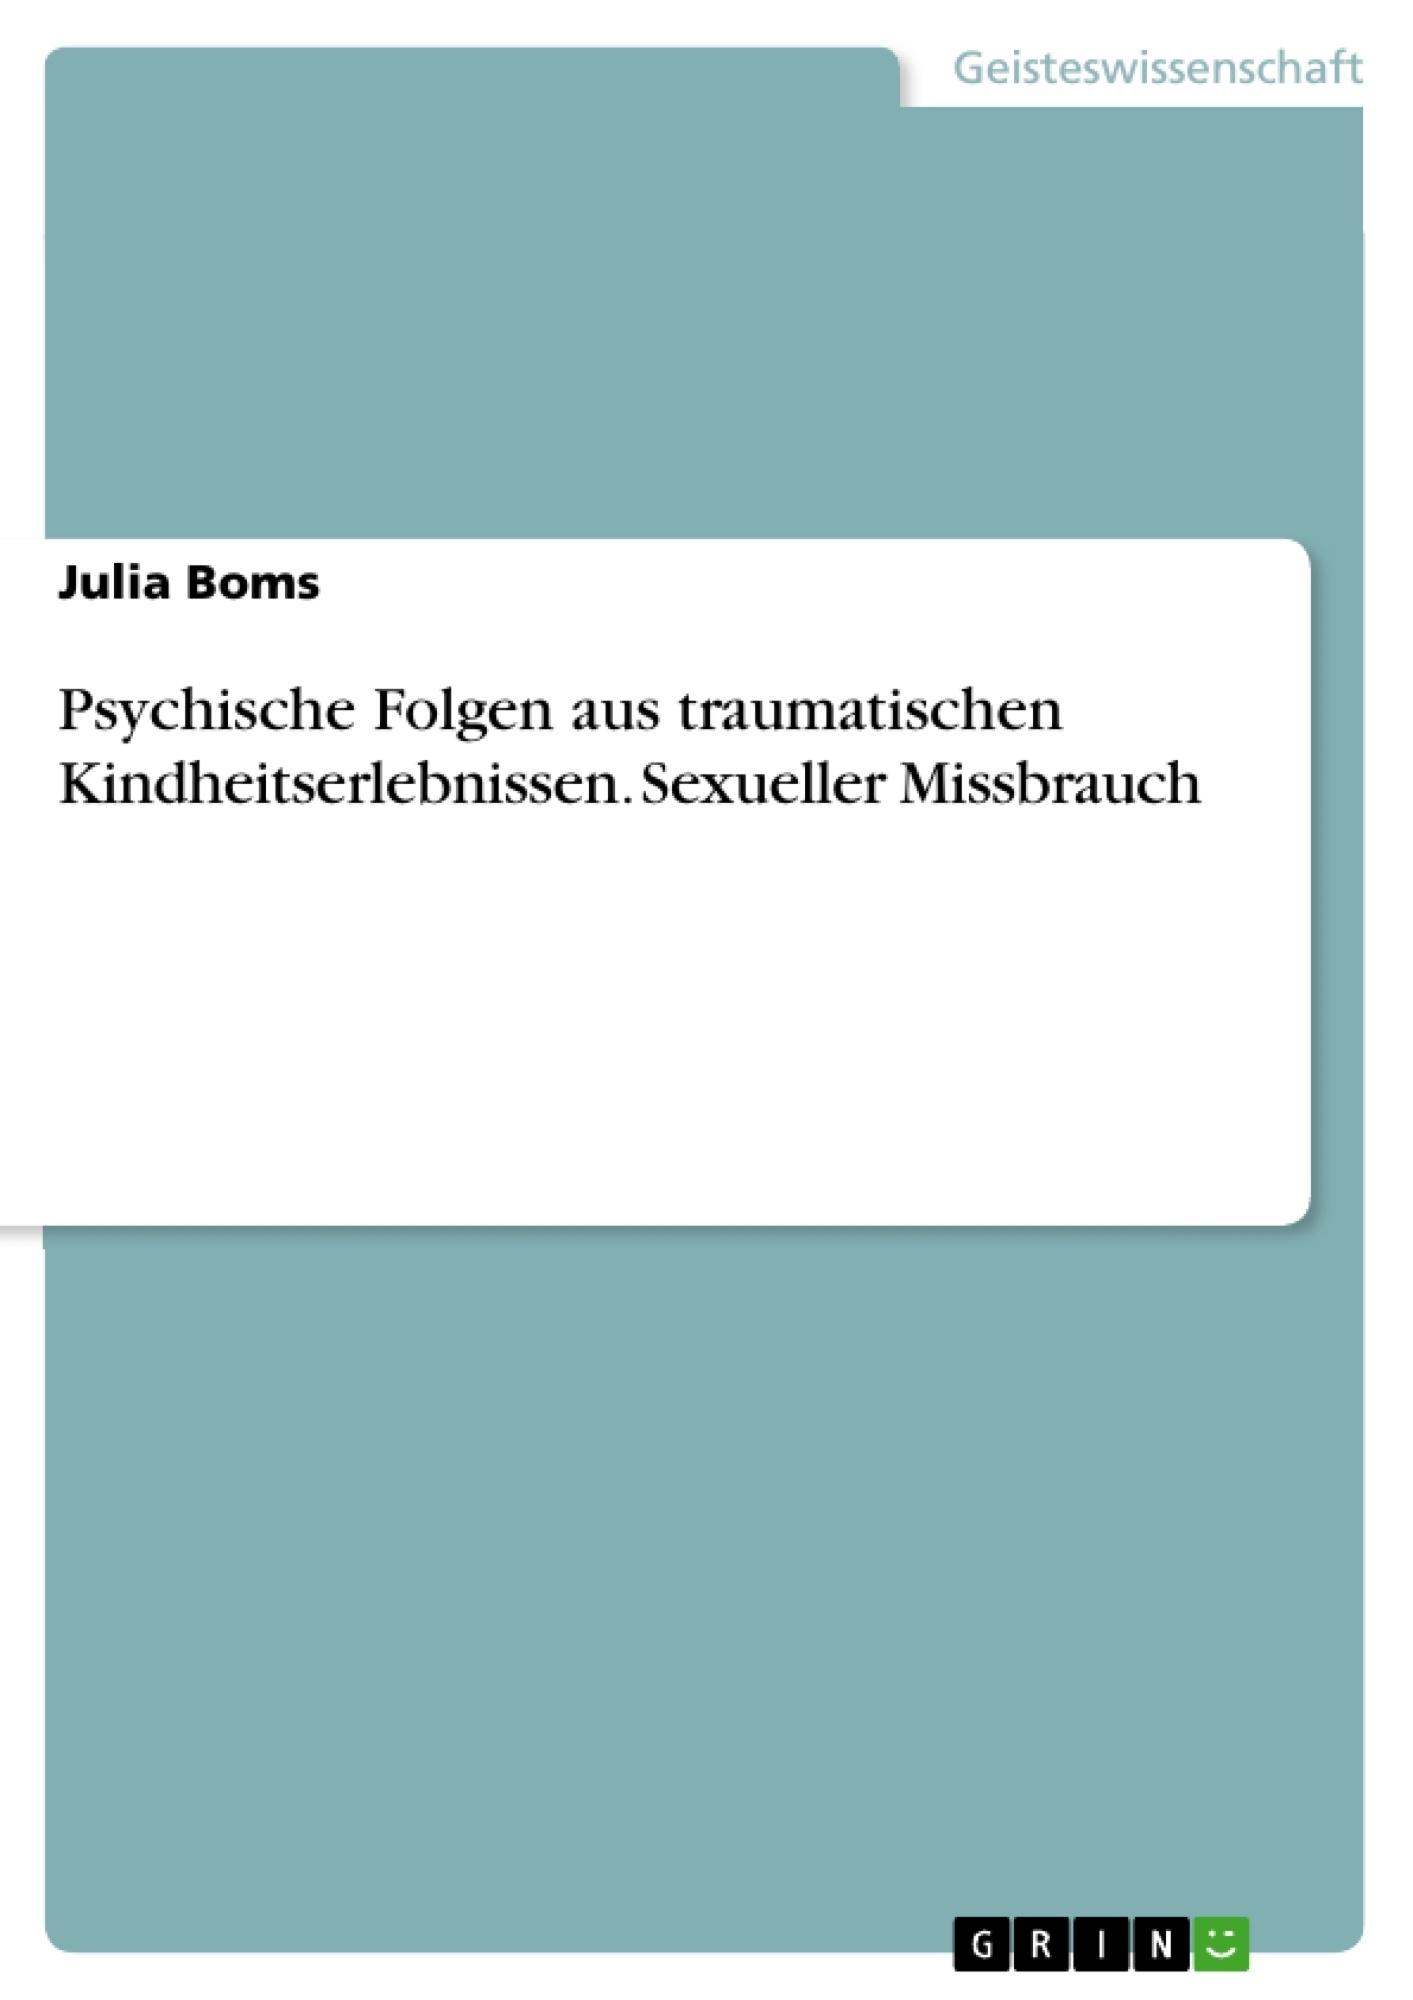 Titel: Psychische Folgen aus traumatischen Kindheitserlebnissen. Sexueller Missbrauch